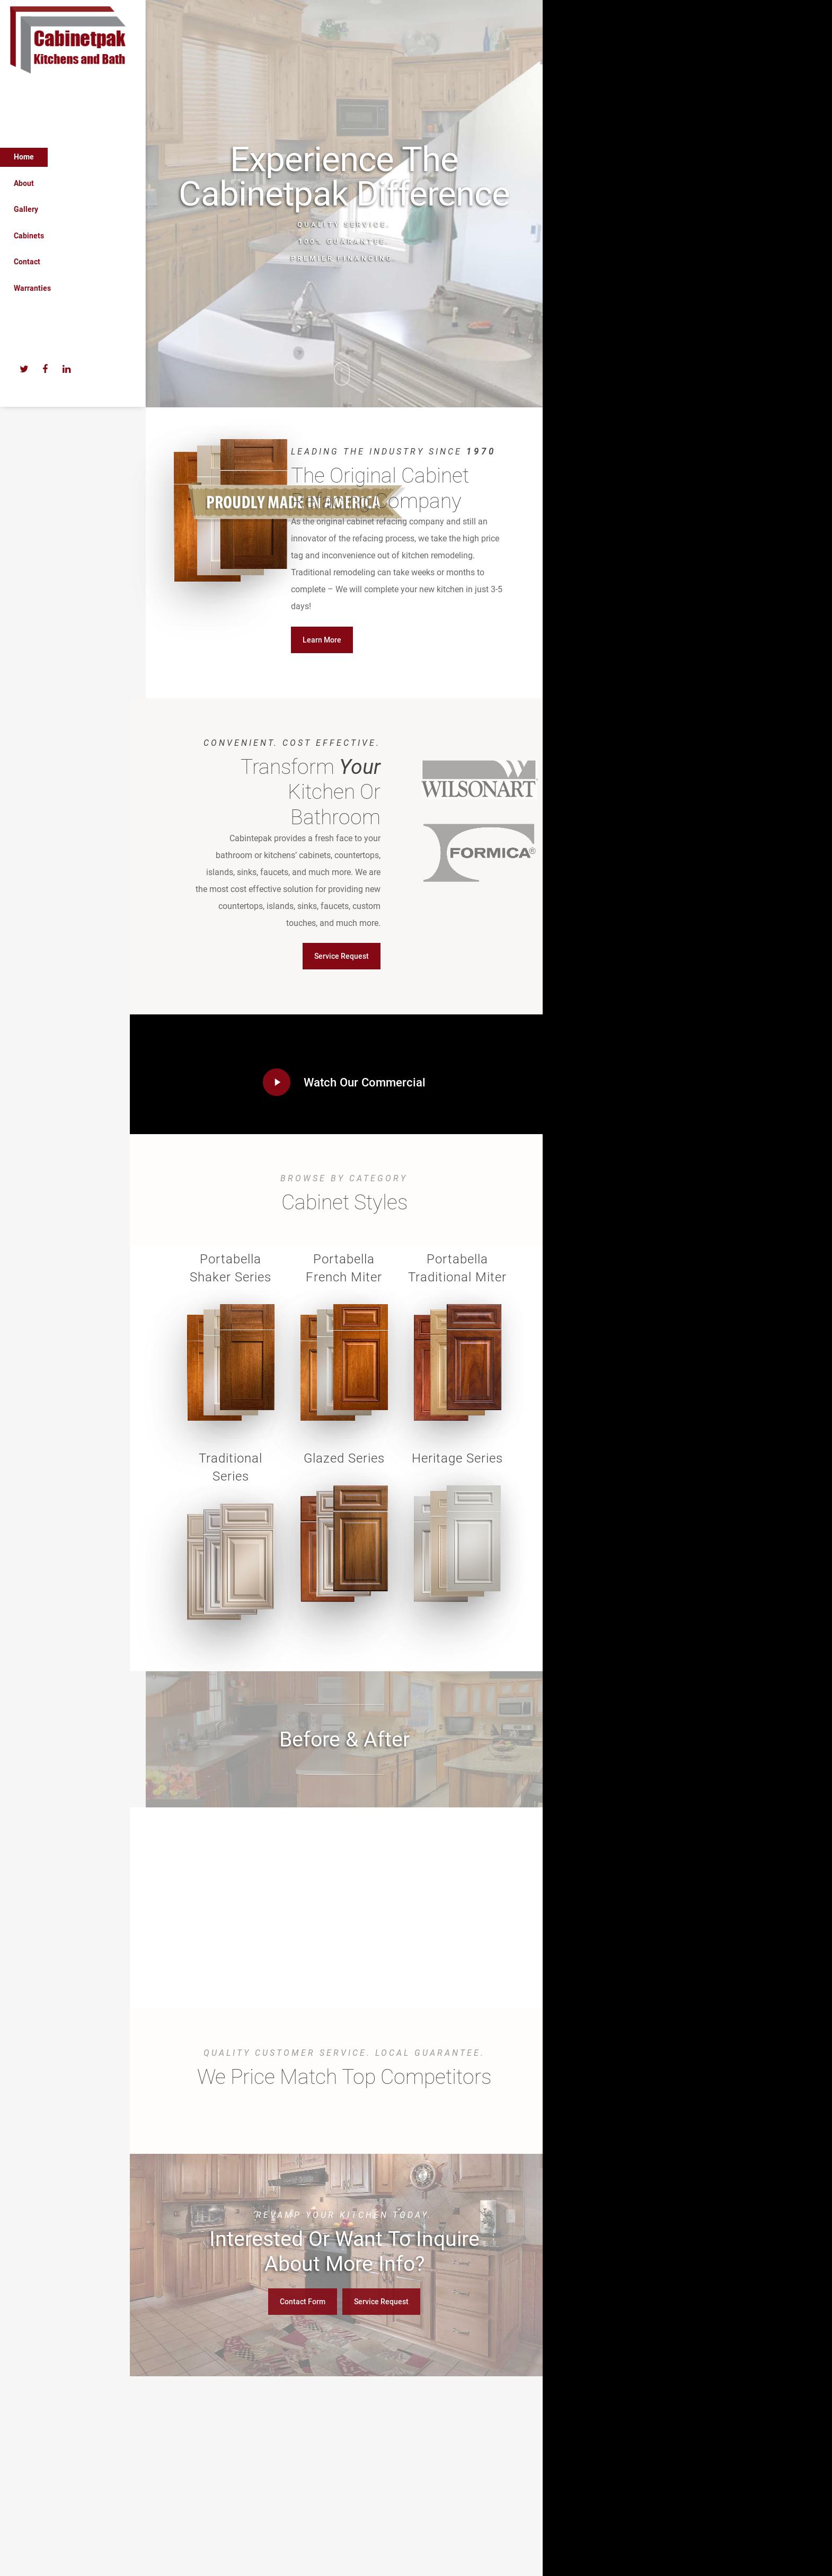 Gentil CABINETPAK KITCHENS Website History